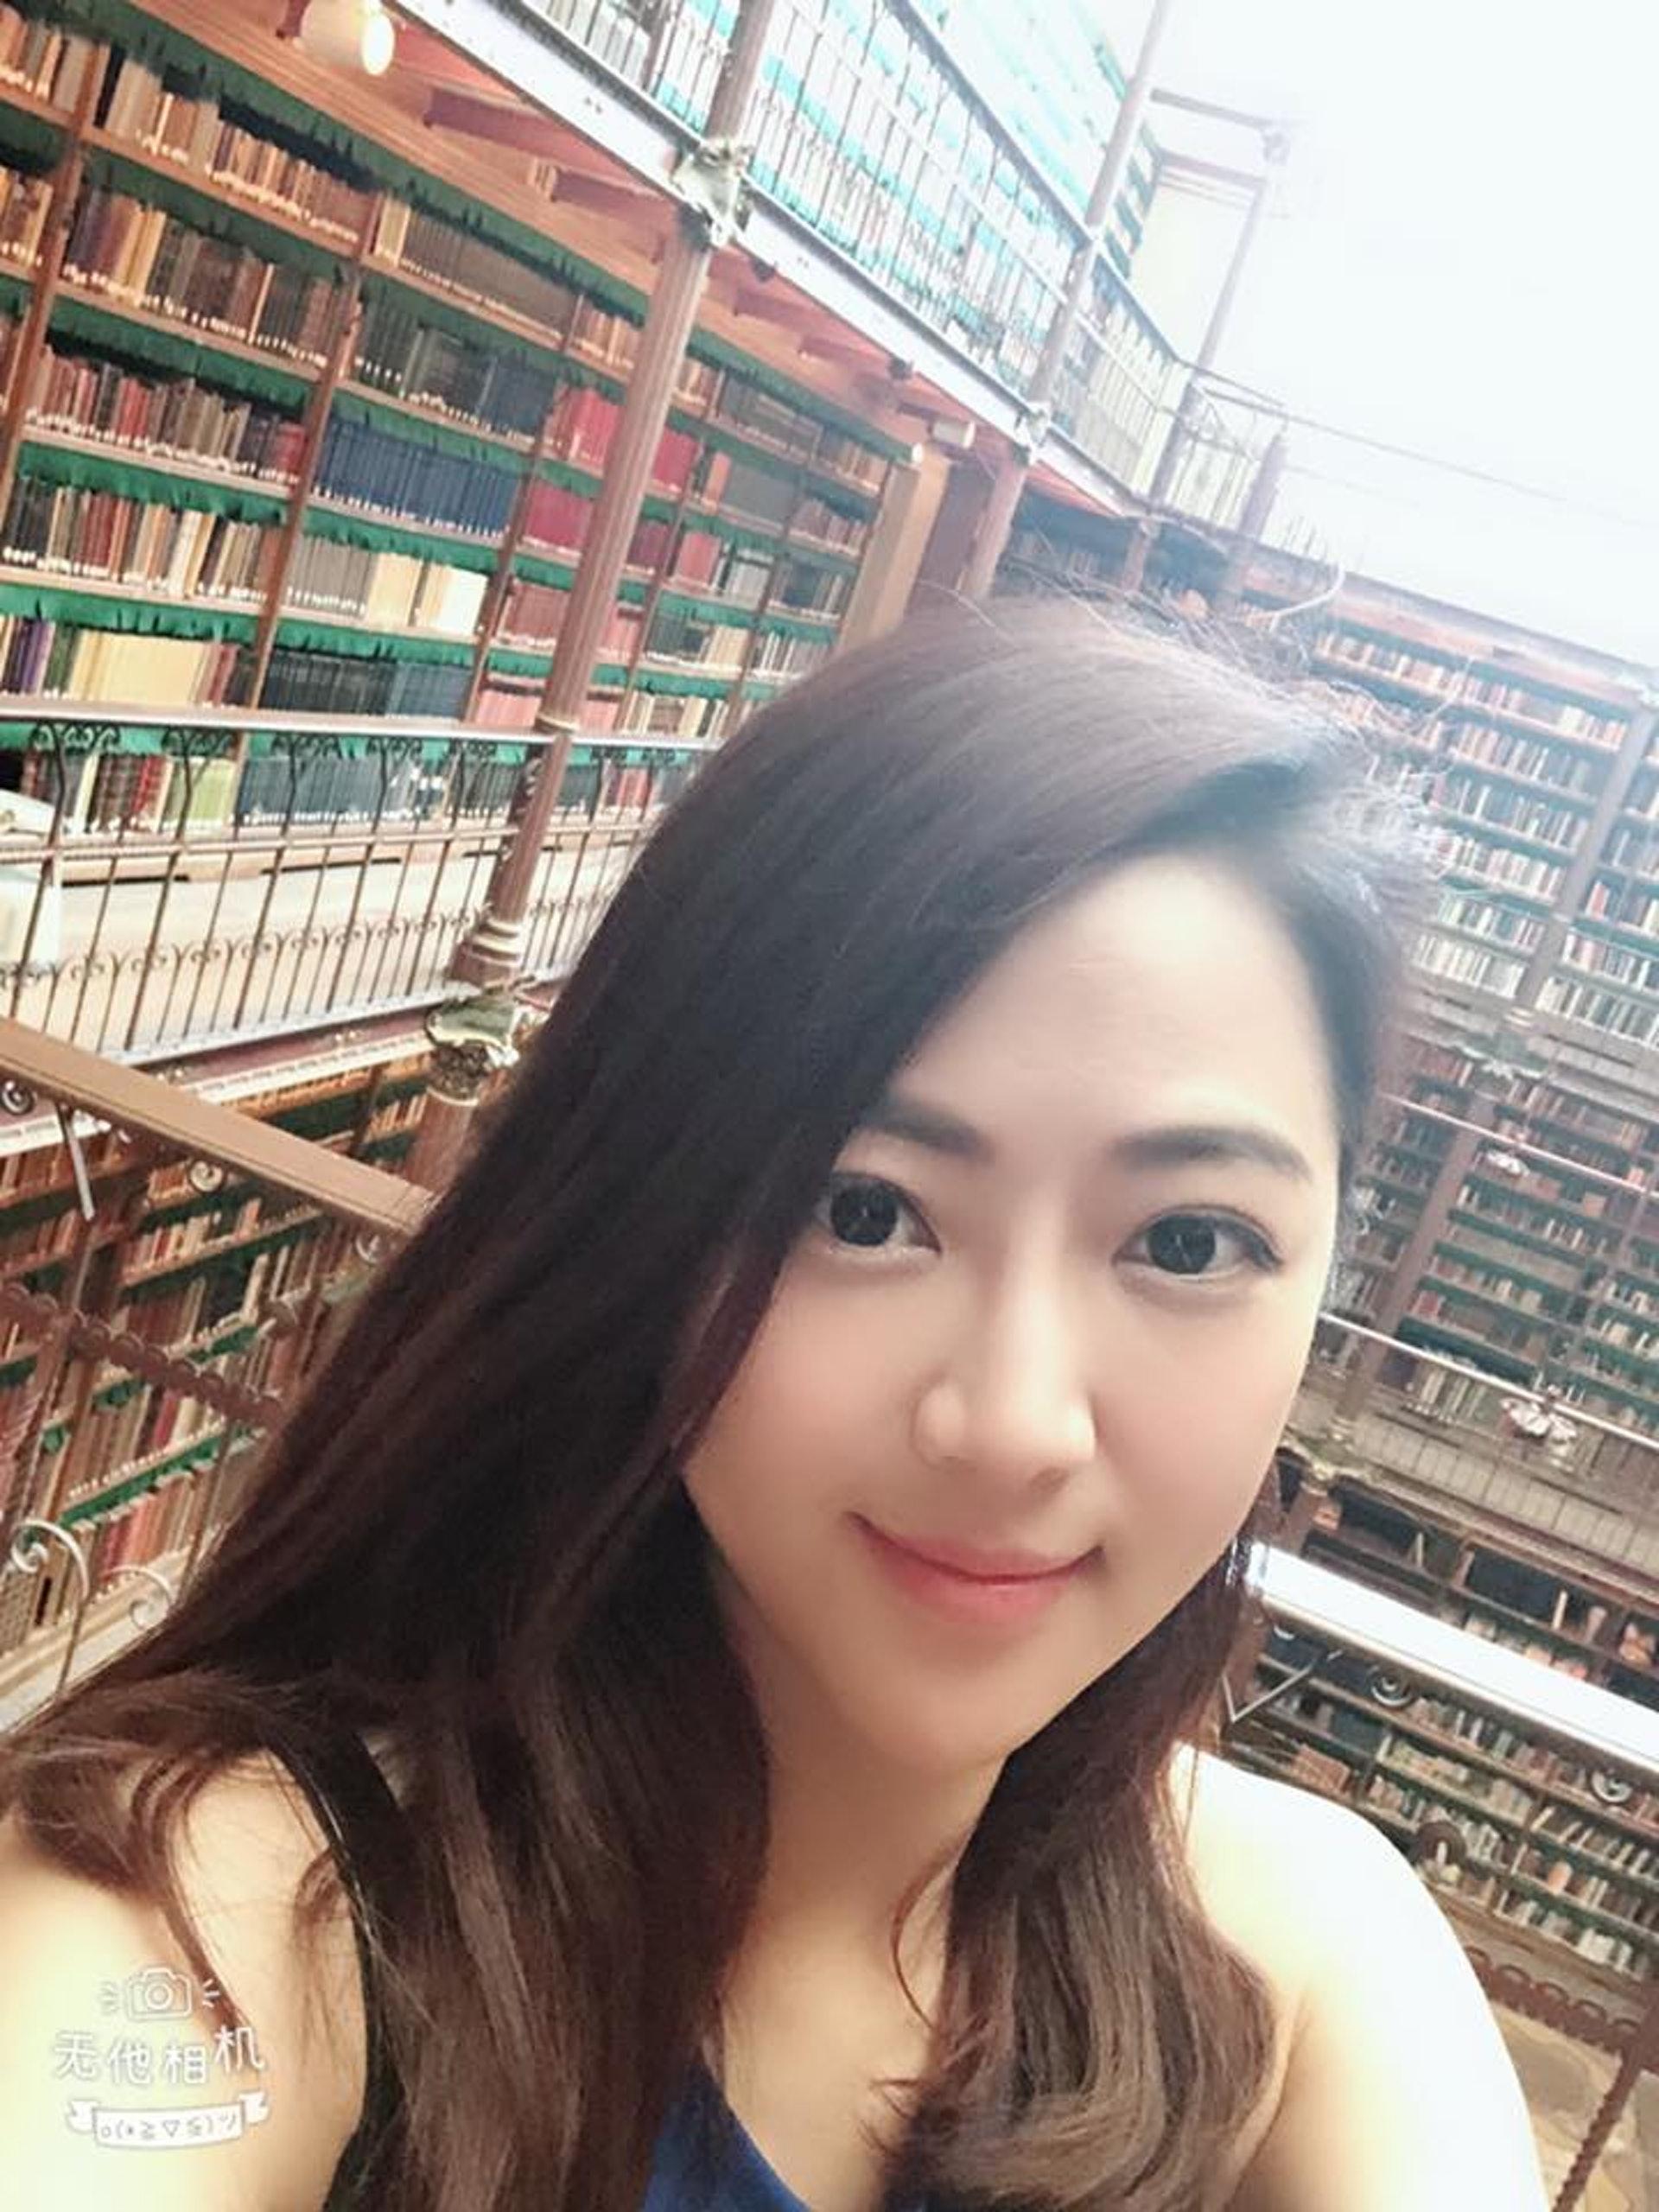 張熙恩稱可能當時在國外的緣故,所以令大家誤會是在度蜜月,言承旭只是探望她。(張熙恩Facebook)